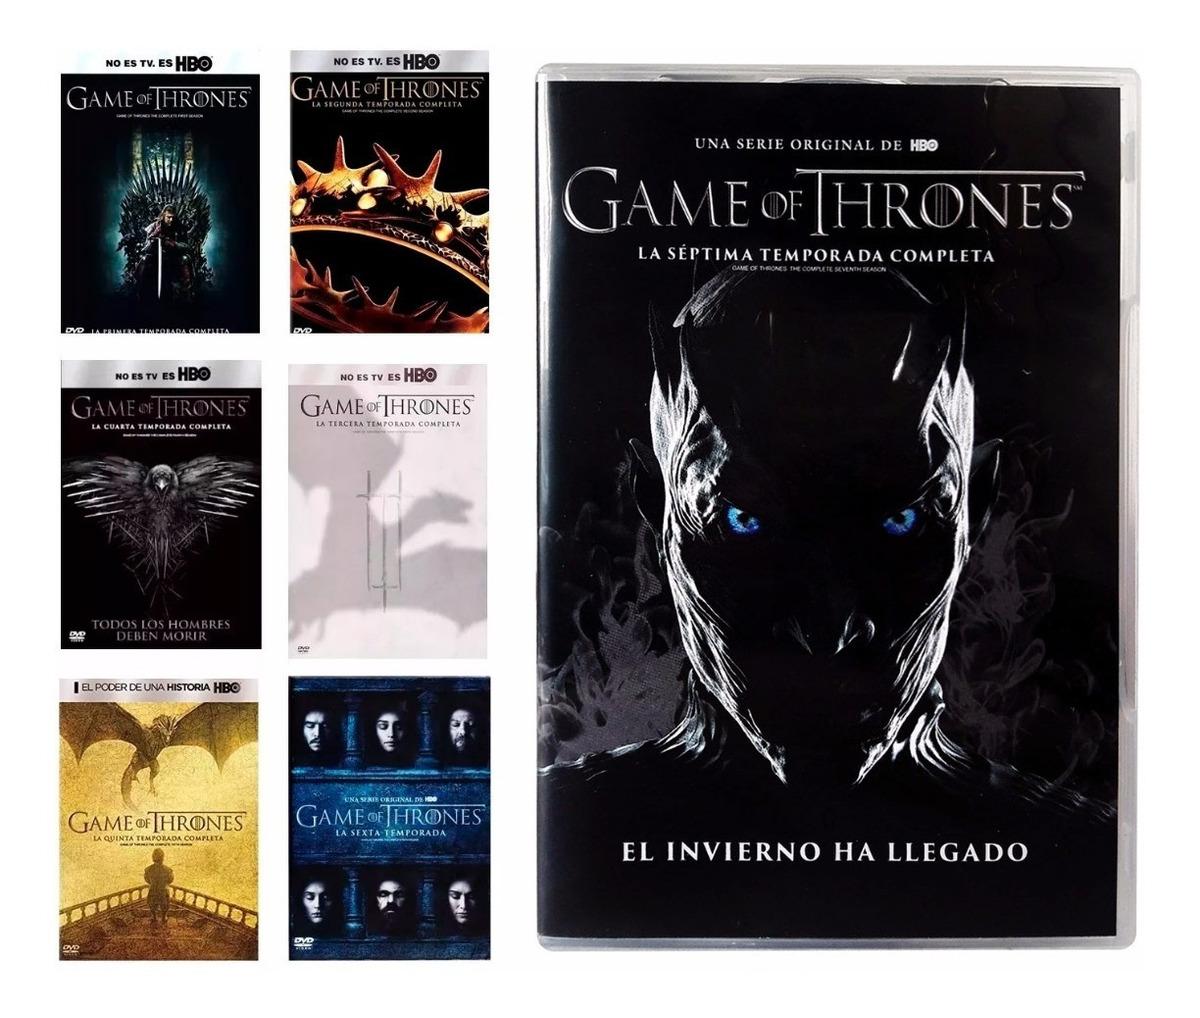 Game Of Thrones Juego De Tronos Temporadas 1 2 3 4 5 6 7 Dvd ...